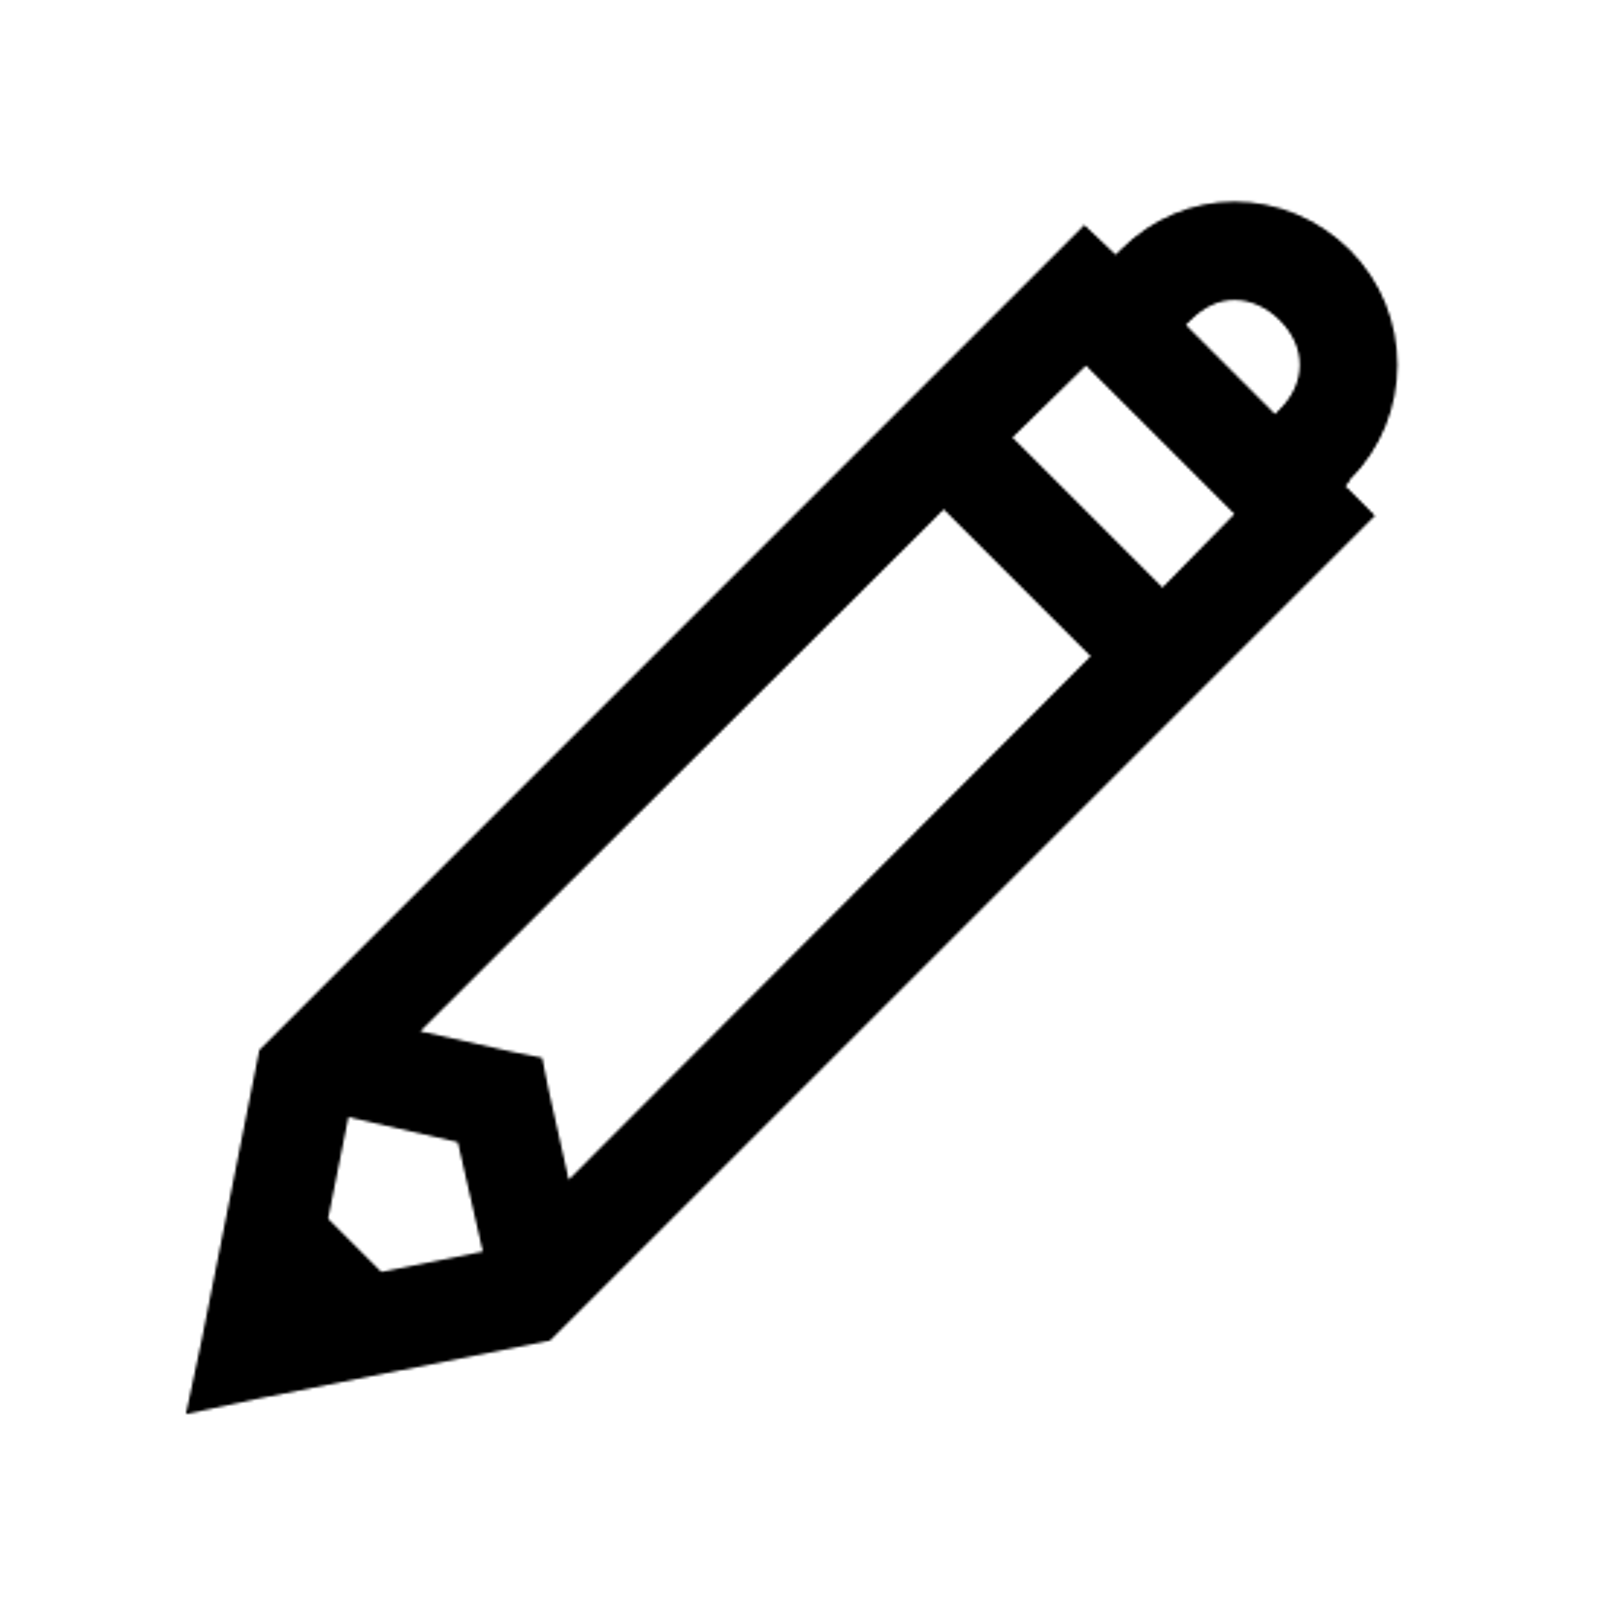 Ołówek icon